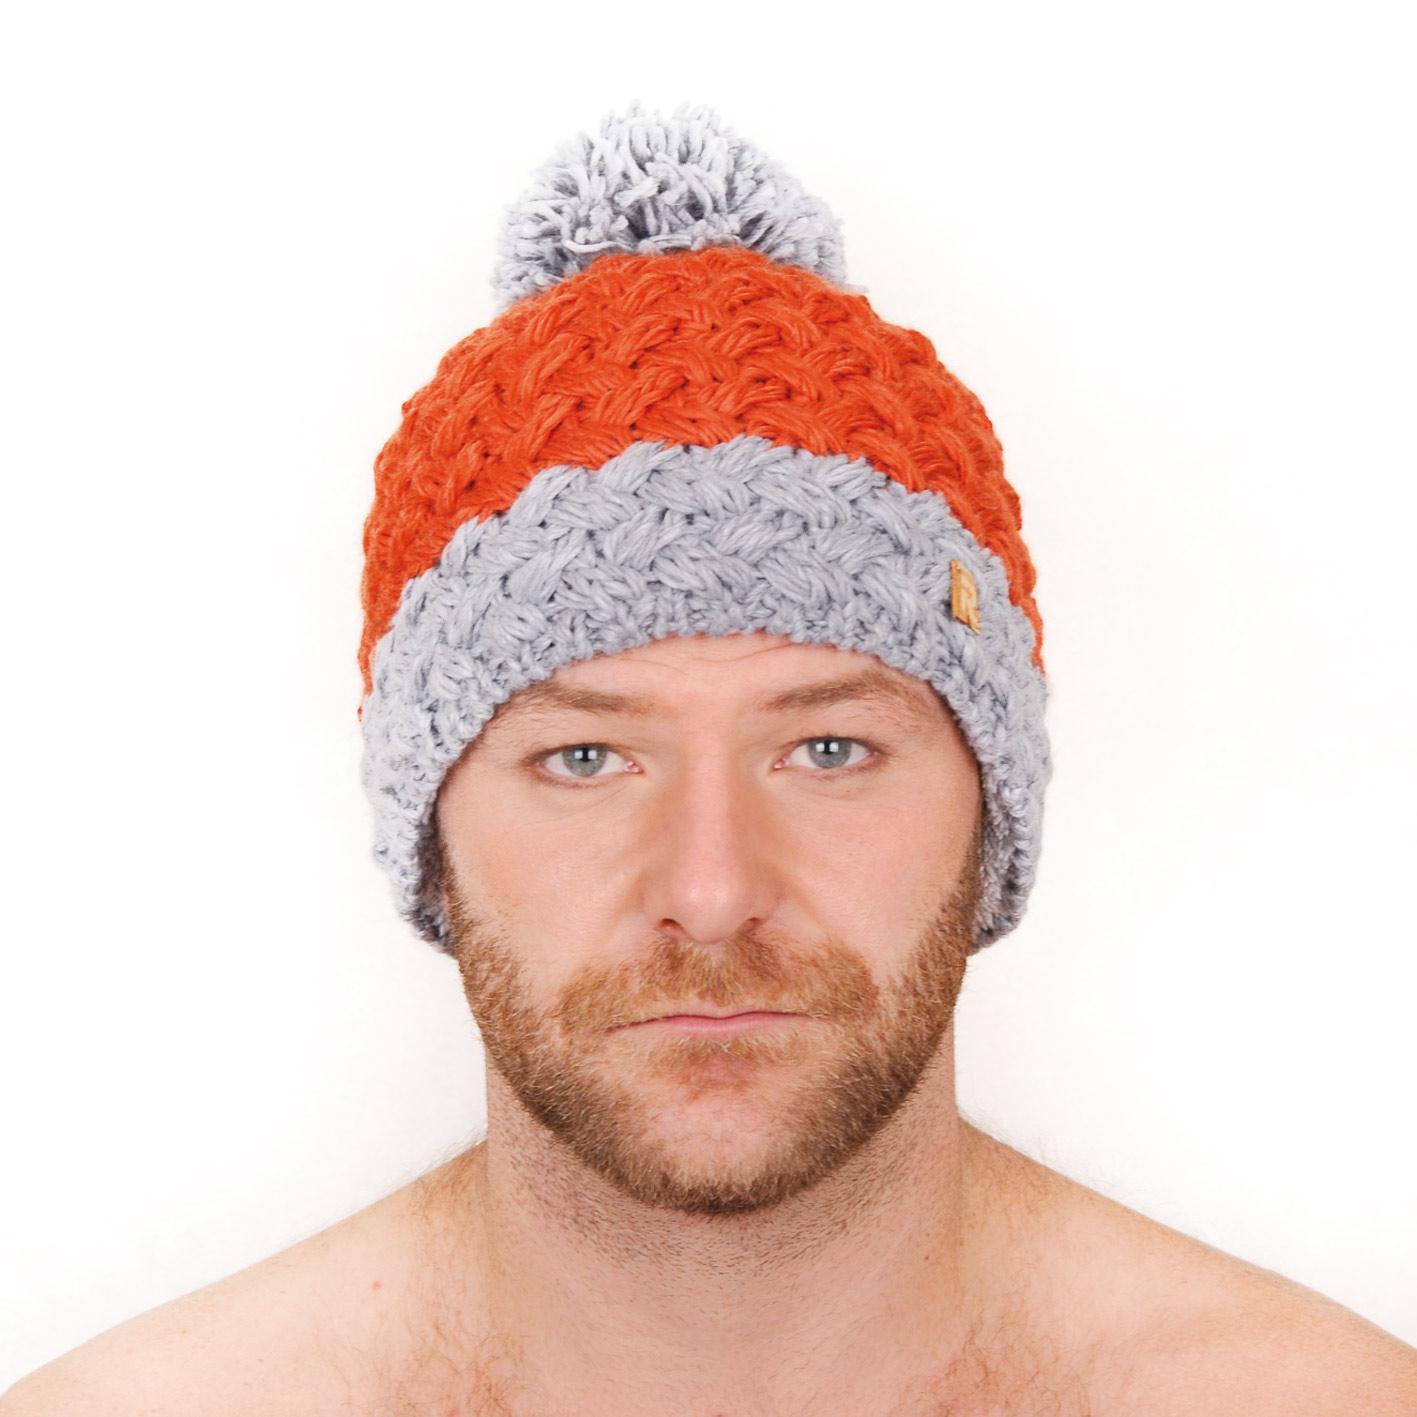 Bonnet : tous les looks qui vont faire fureur l'hiver à venir.